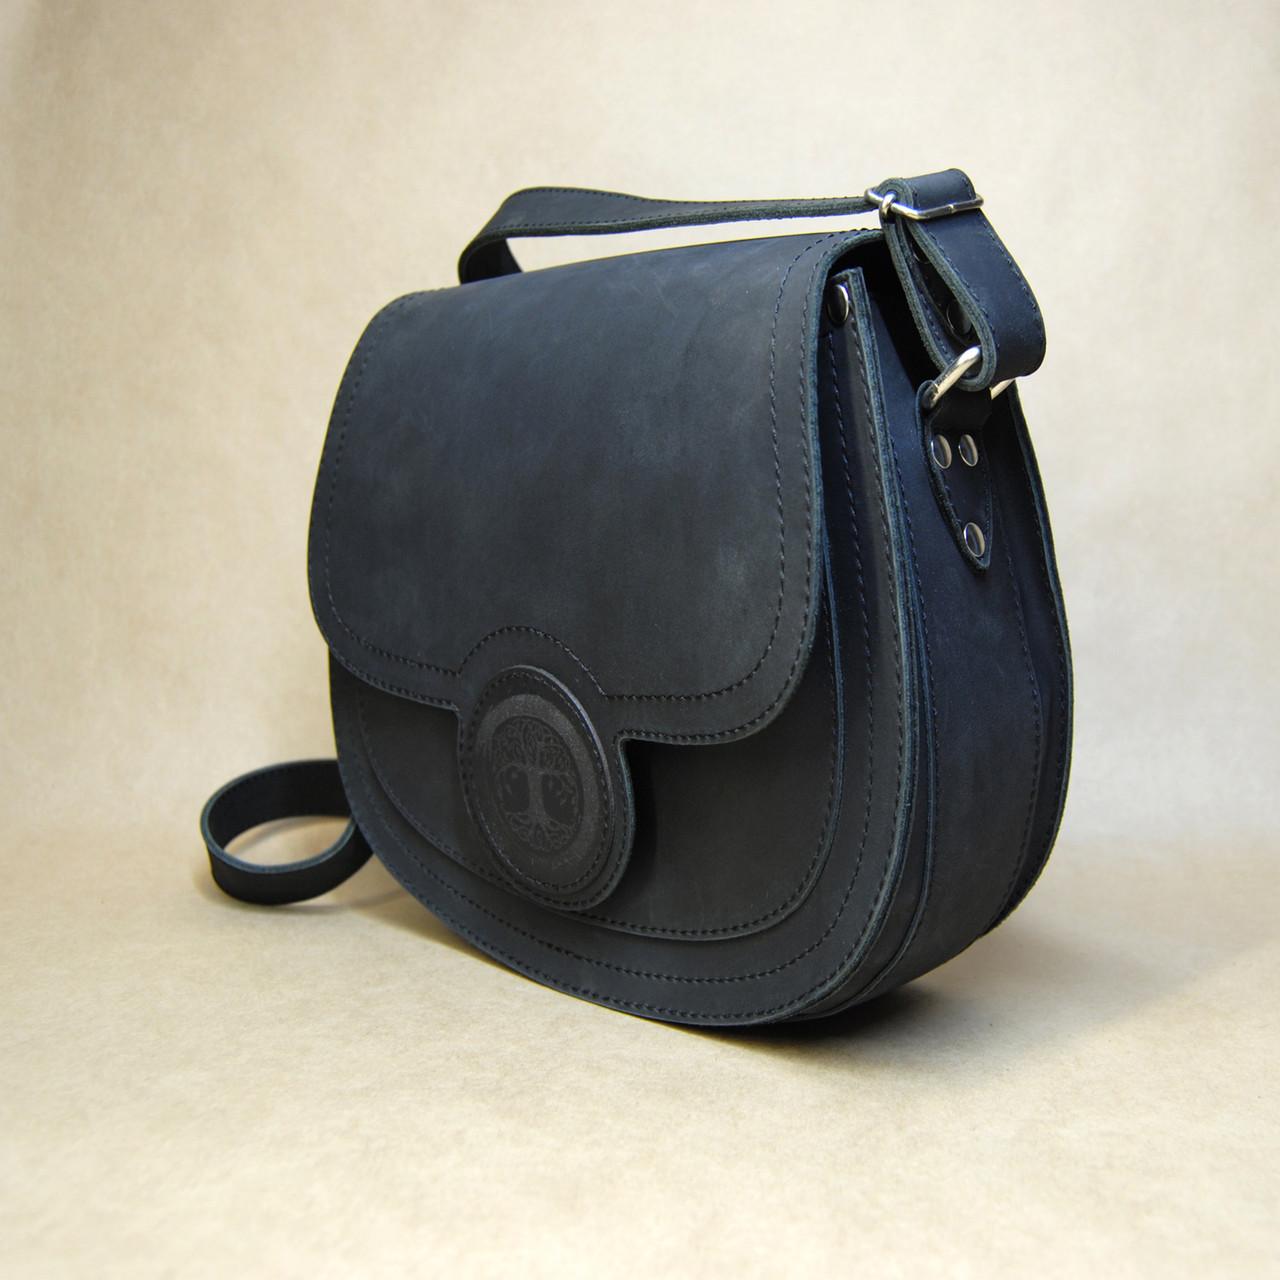 Женская сумка из натуральной кожи. Оригинальная сумка женская кожаная.